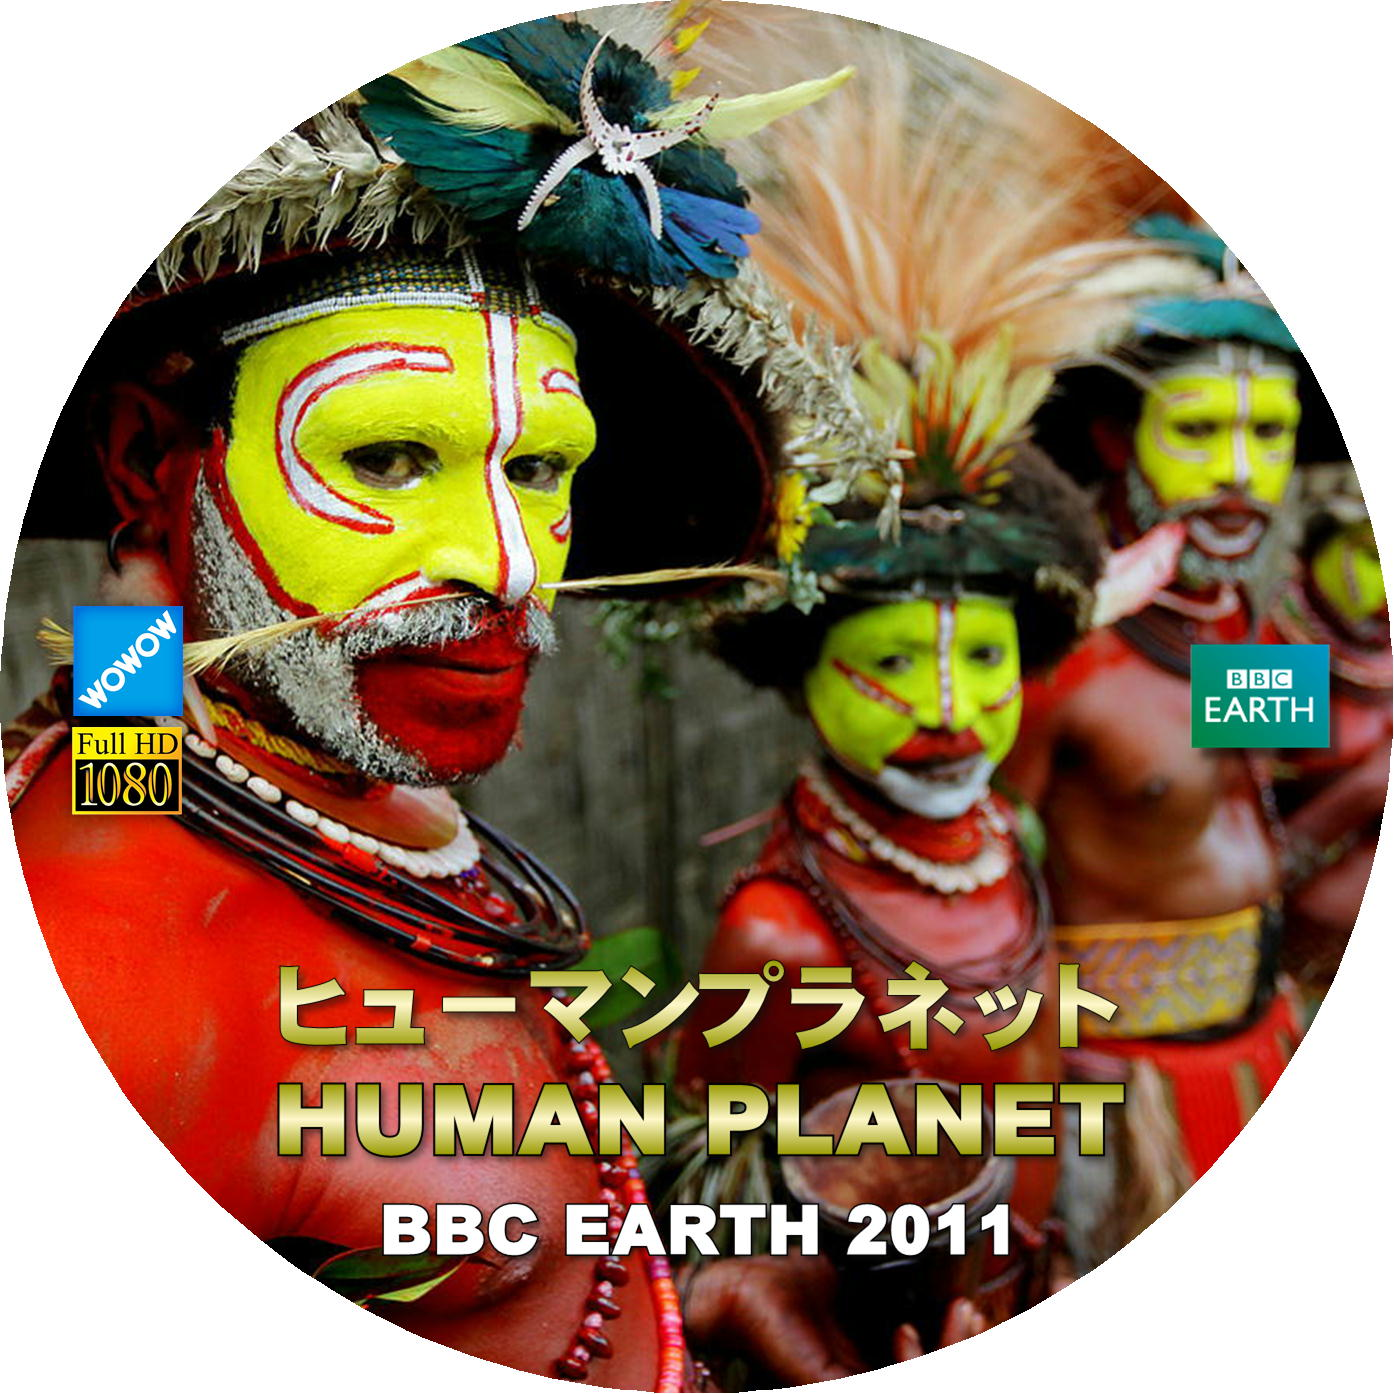 BBC EARTH 2011 ヒューマンプラネット DVDラベル